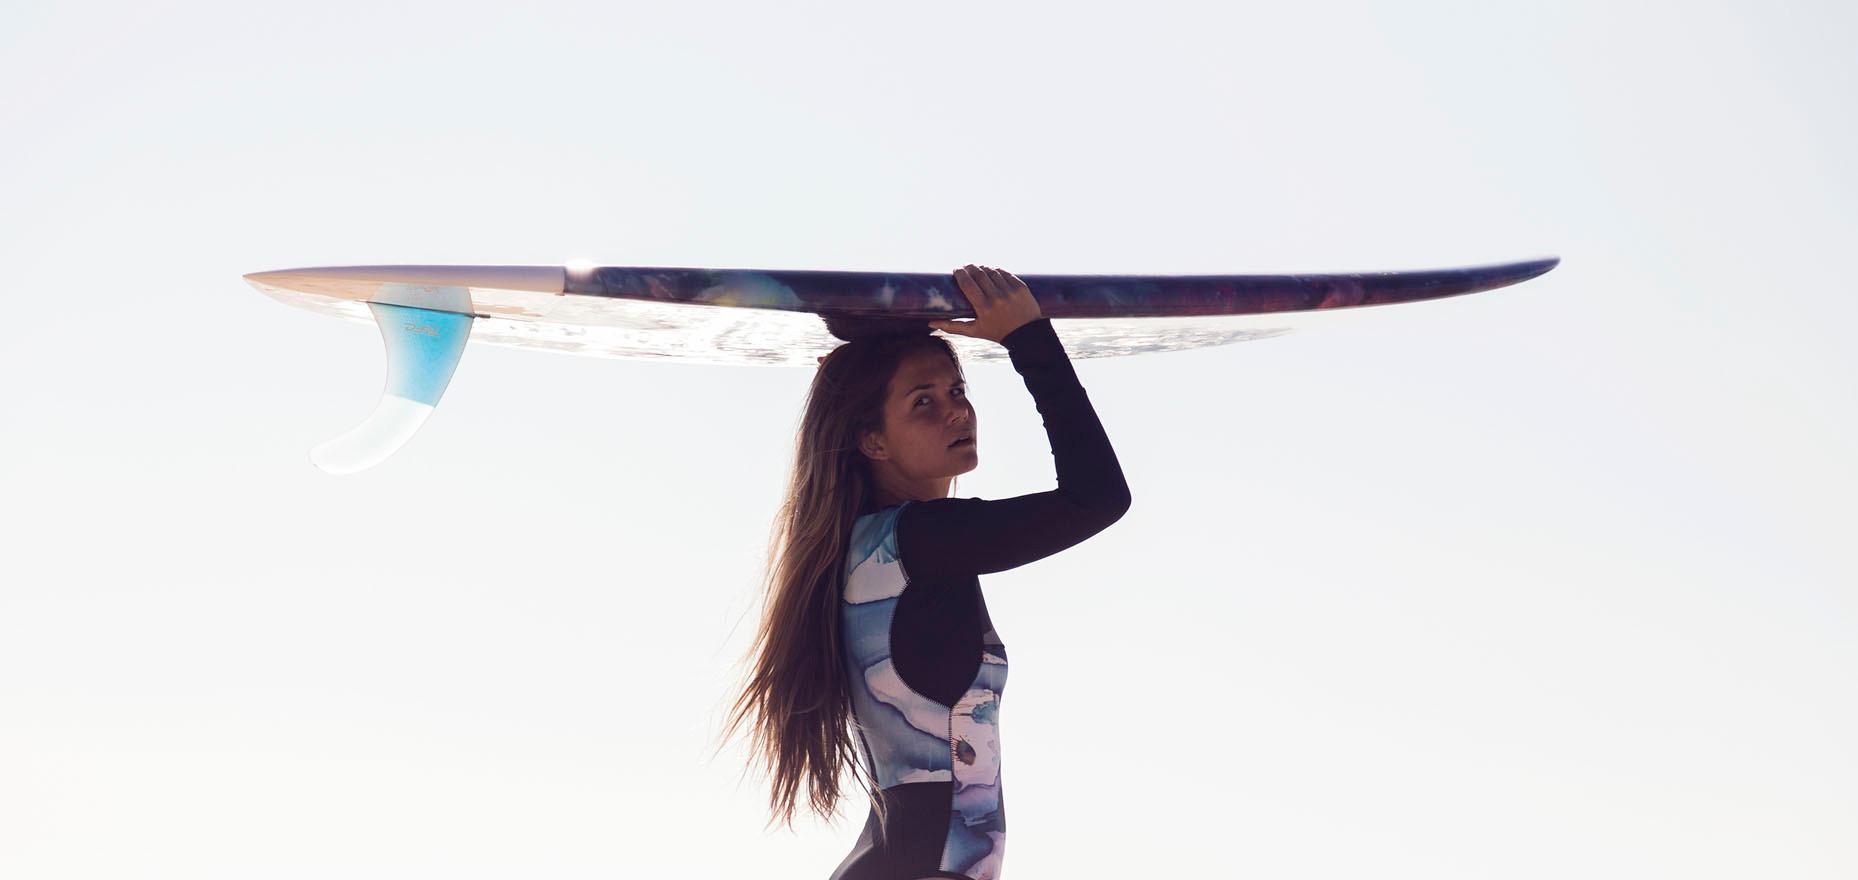 Collab Lorcolors x Akela surf / Surfboard lorcolorschappy / Crédit photo Guillaume Dupré